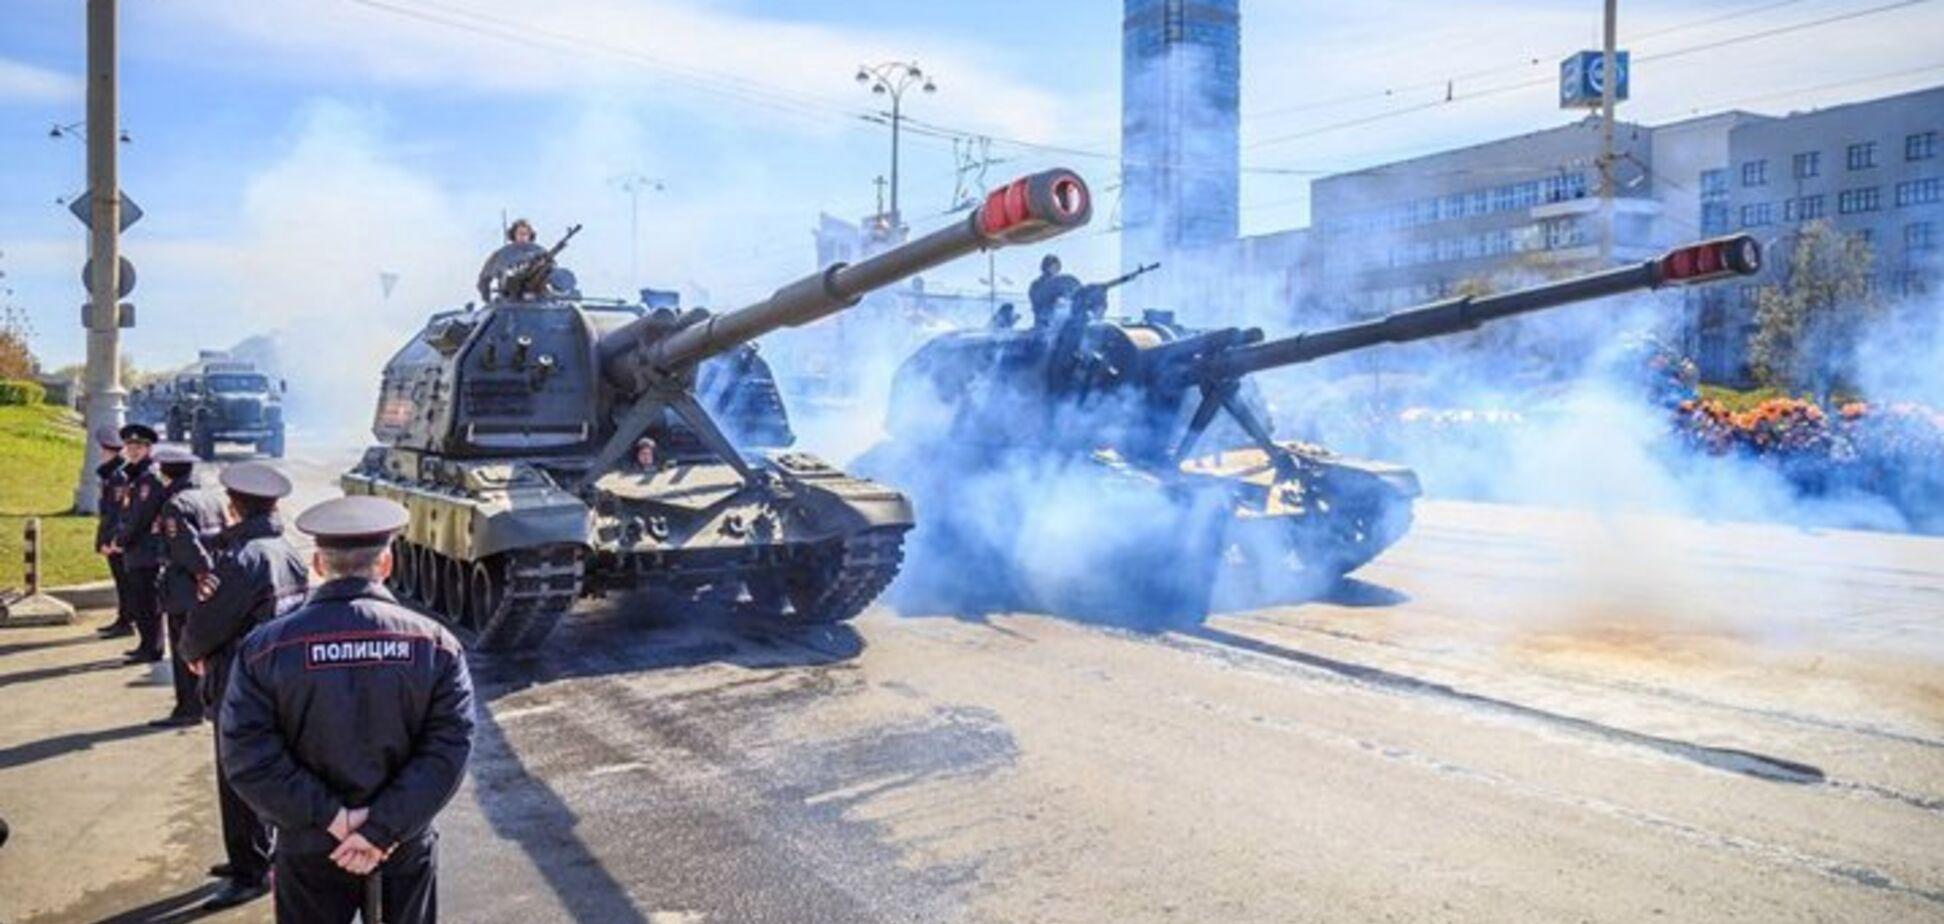 У центр Москви стягнули сотні танків і БТР: відео з 'Термінаторами' і 'Арматами'